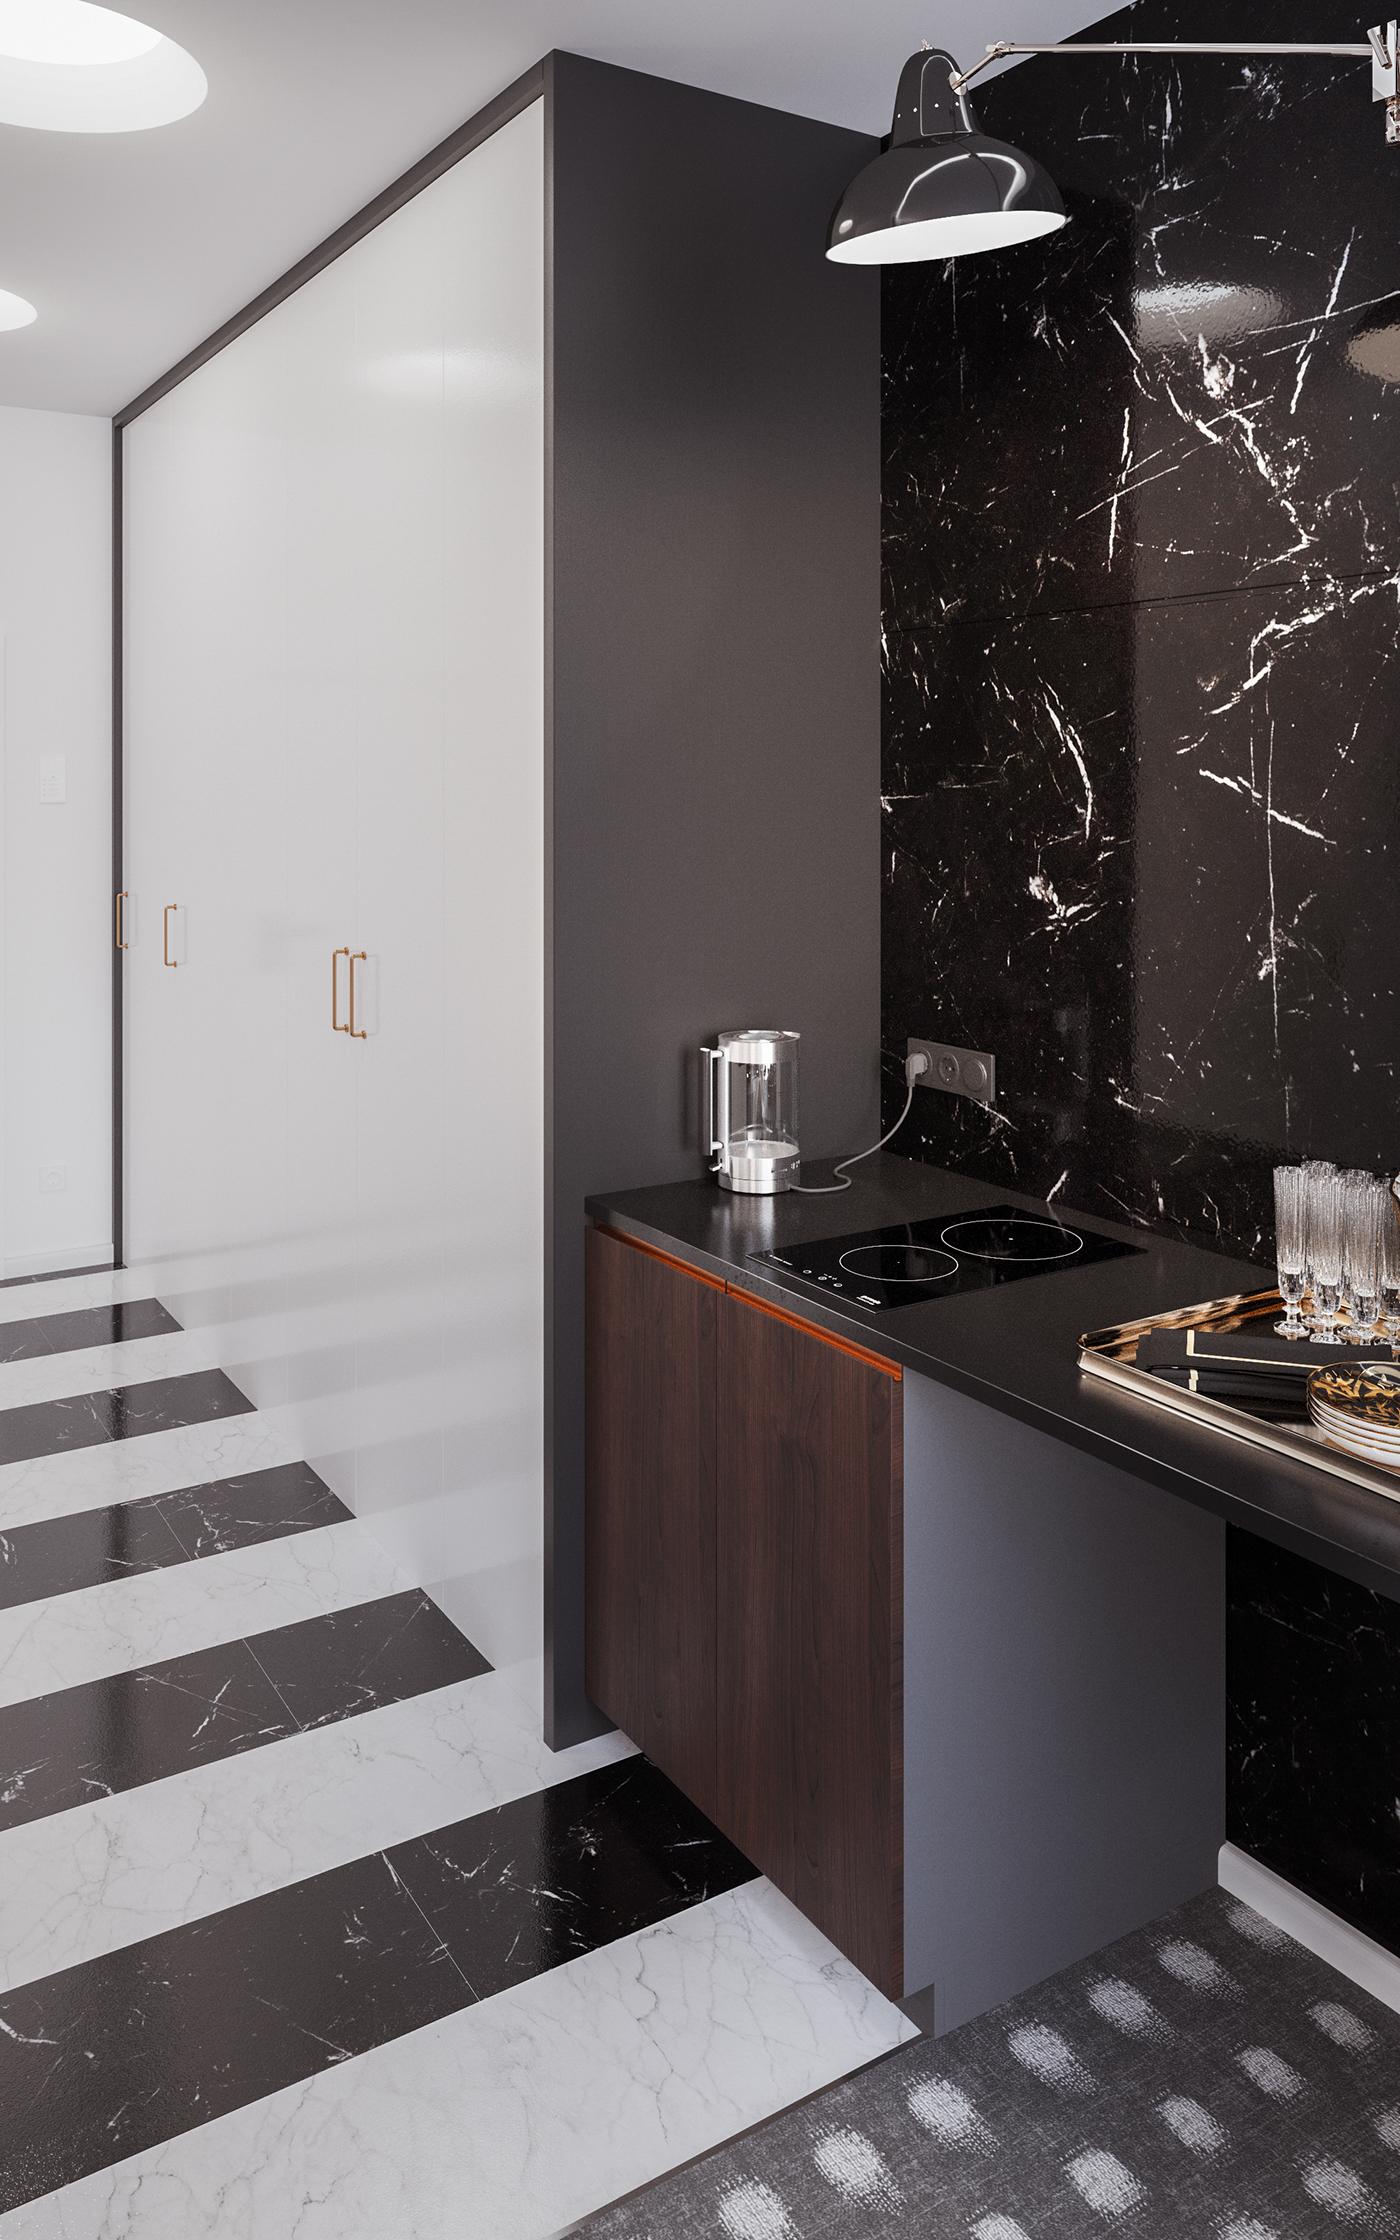 Роскошная квартира Роскошная квартира Роскошная квартира от дизайнера Ольги Ермолиной f2897134905039